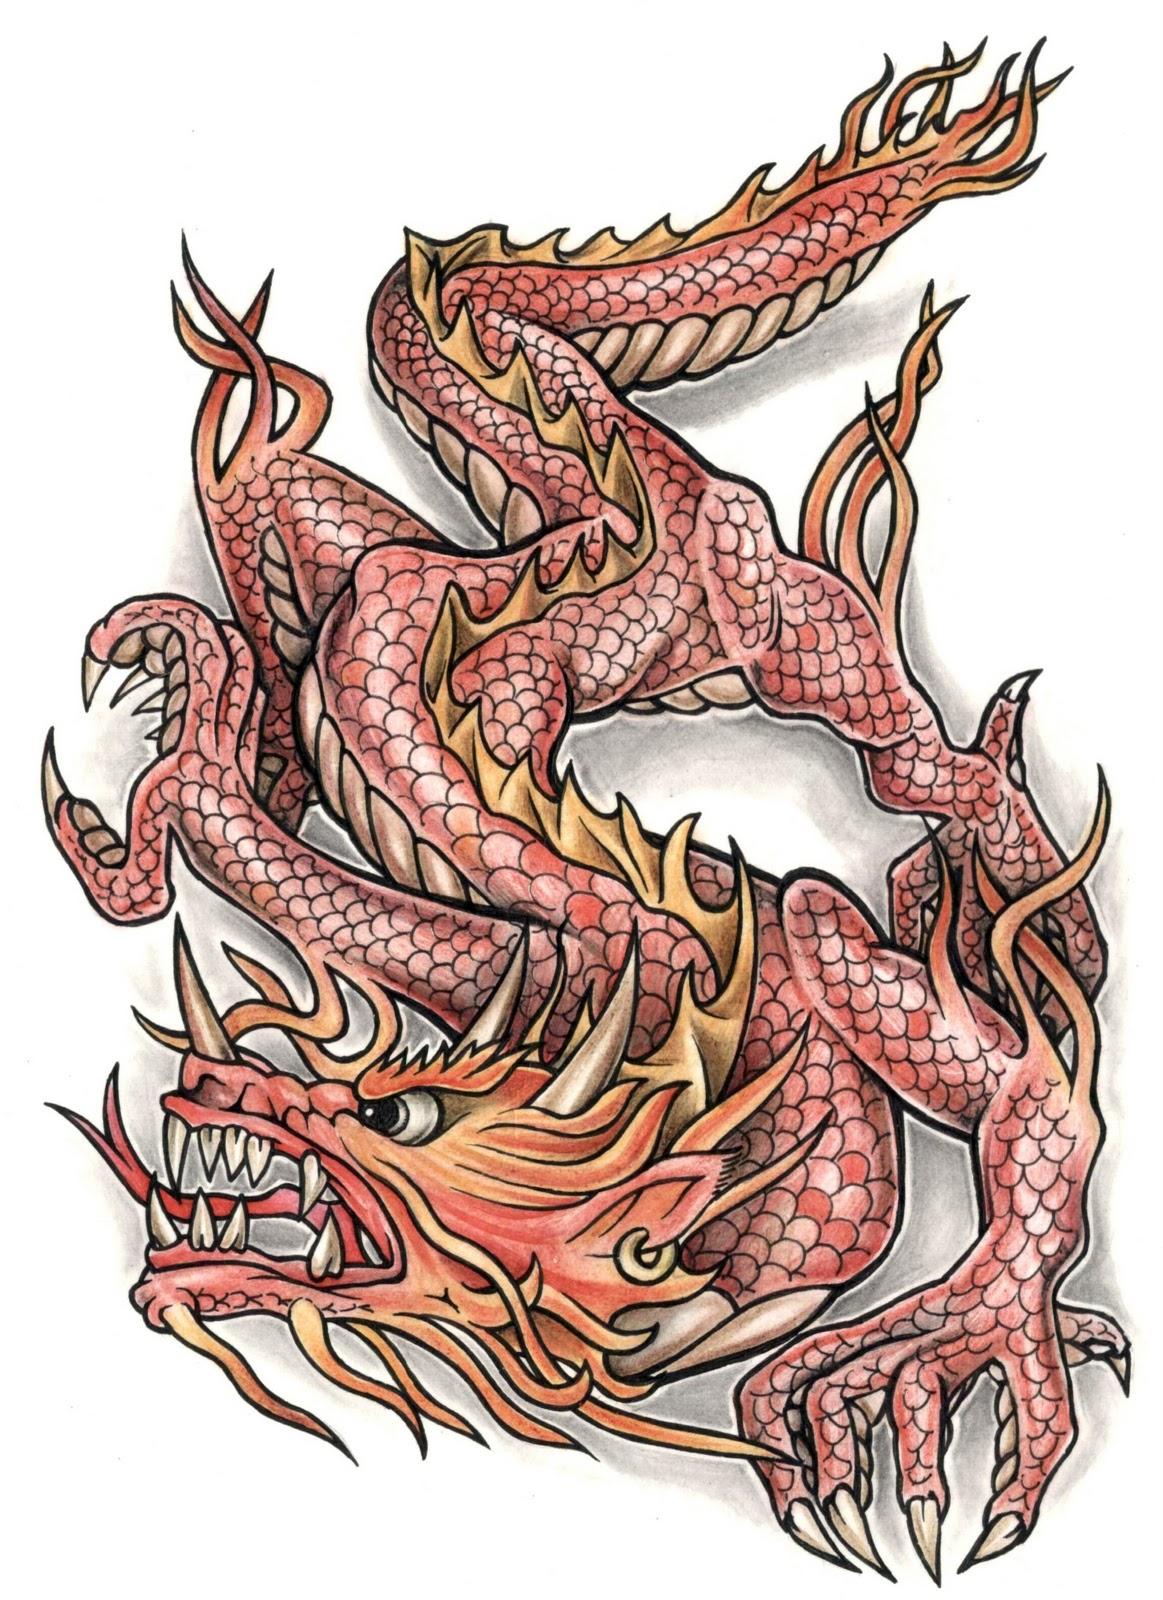 Dragon Tattoo Wallpaper wallpaper Dragon Tattoo Wallpaper hd 1163x1600